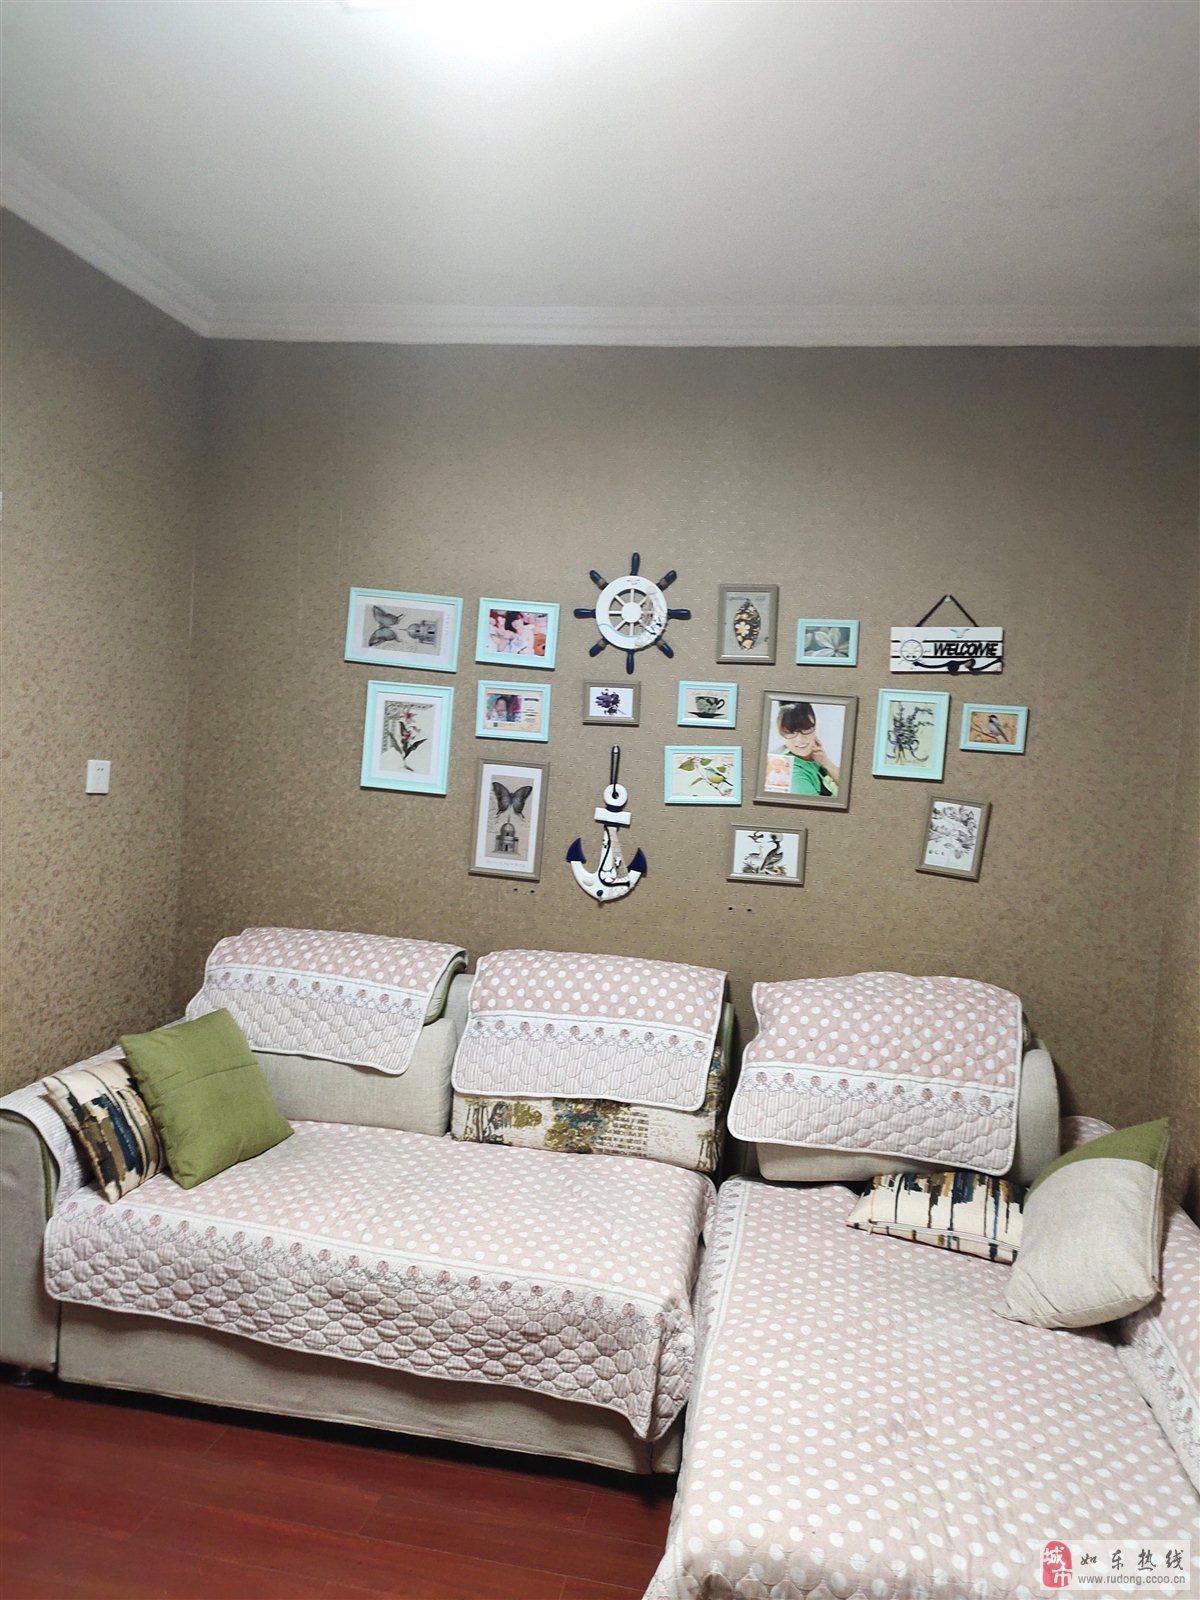 清爽,江海东路烟墩桥附近80平米3室1厅1卫